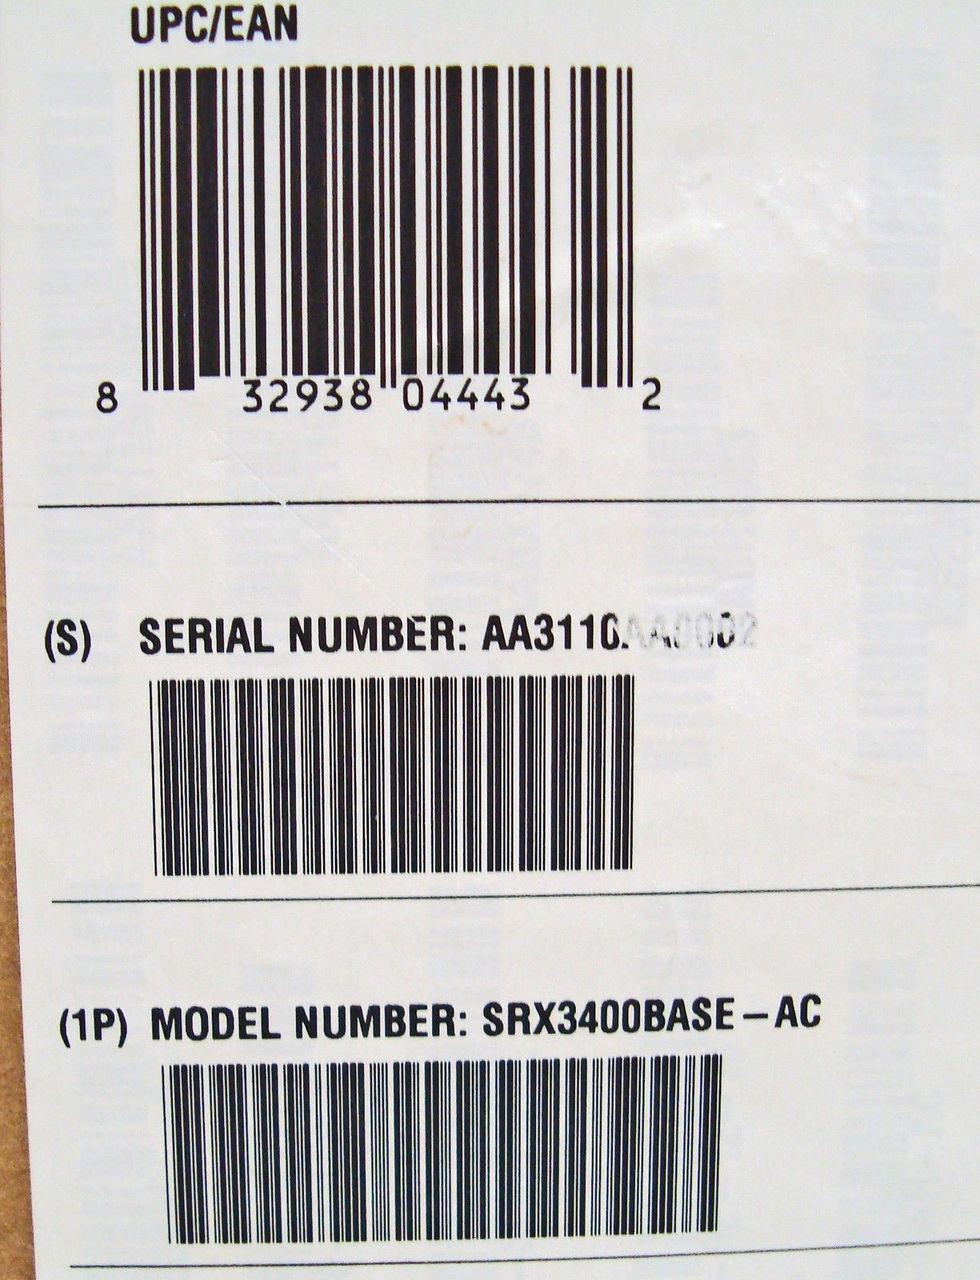 SRX3400BASE-AC